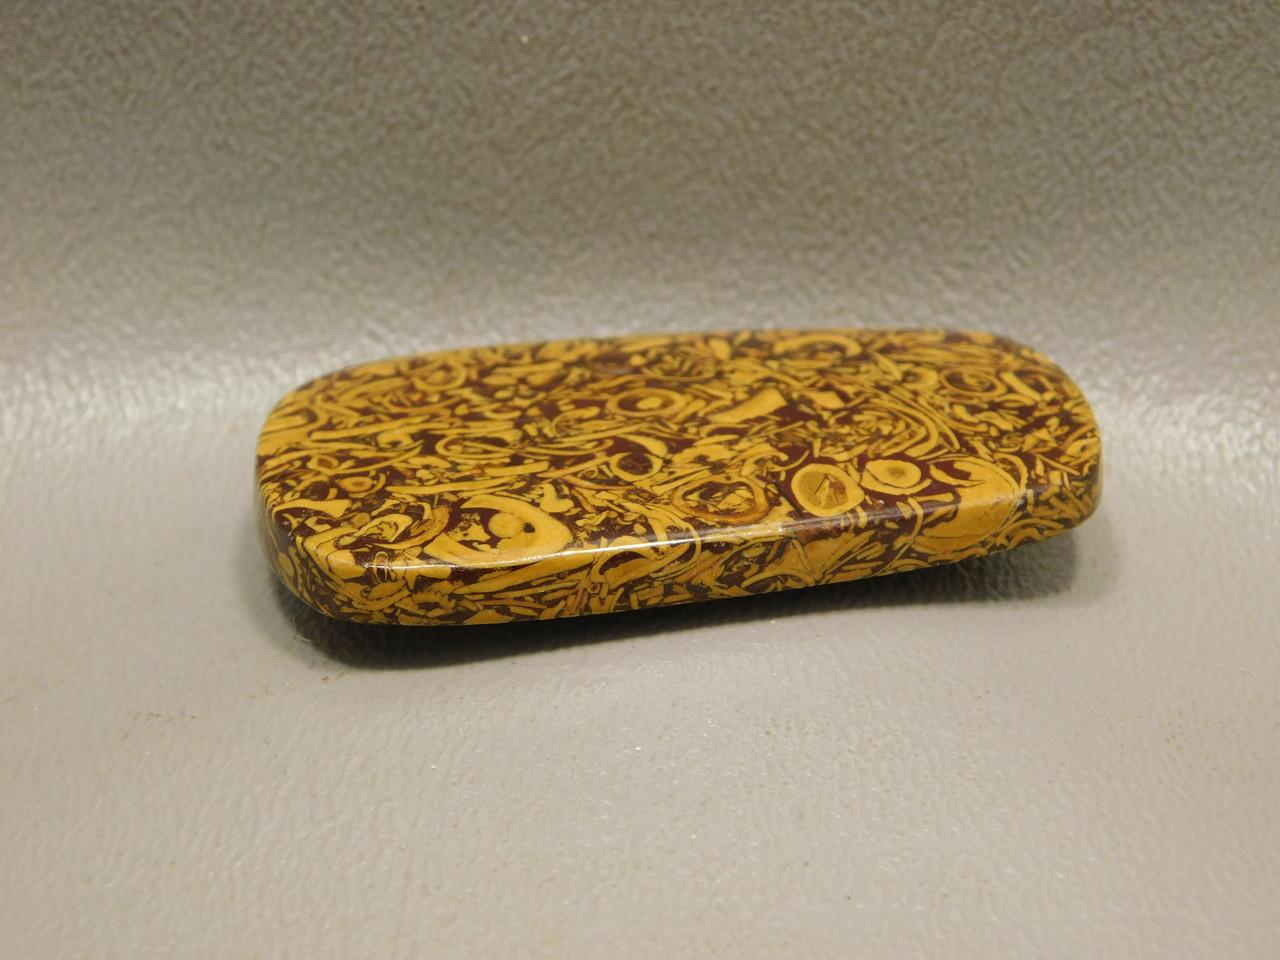 Cabochon Coquina Jasper Stone Cobra Elephant Skin Script Gemstone 3